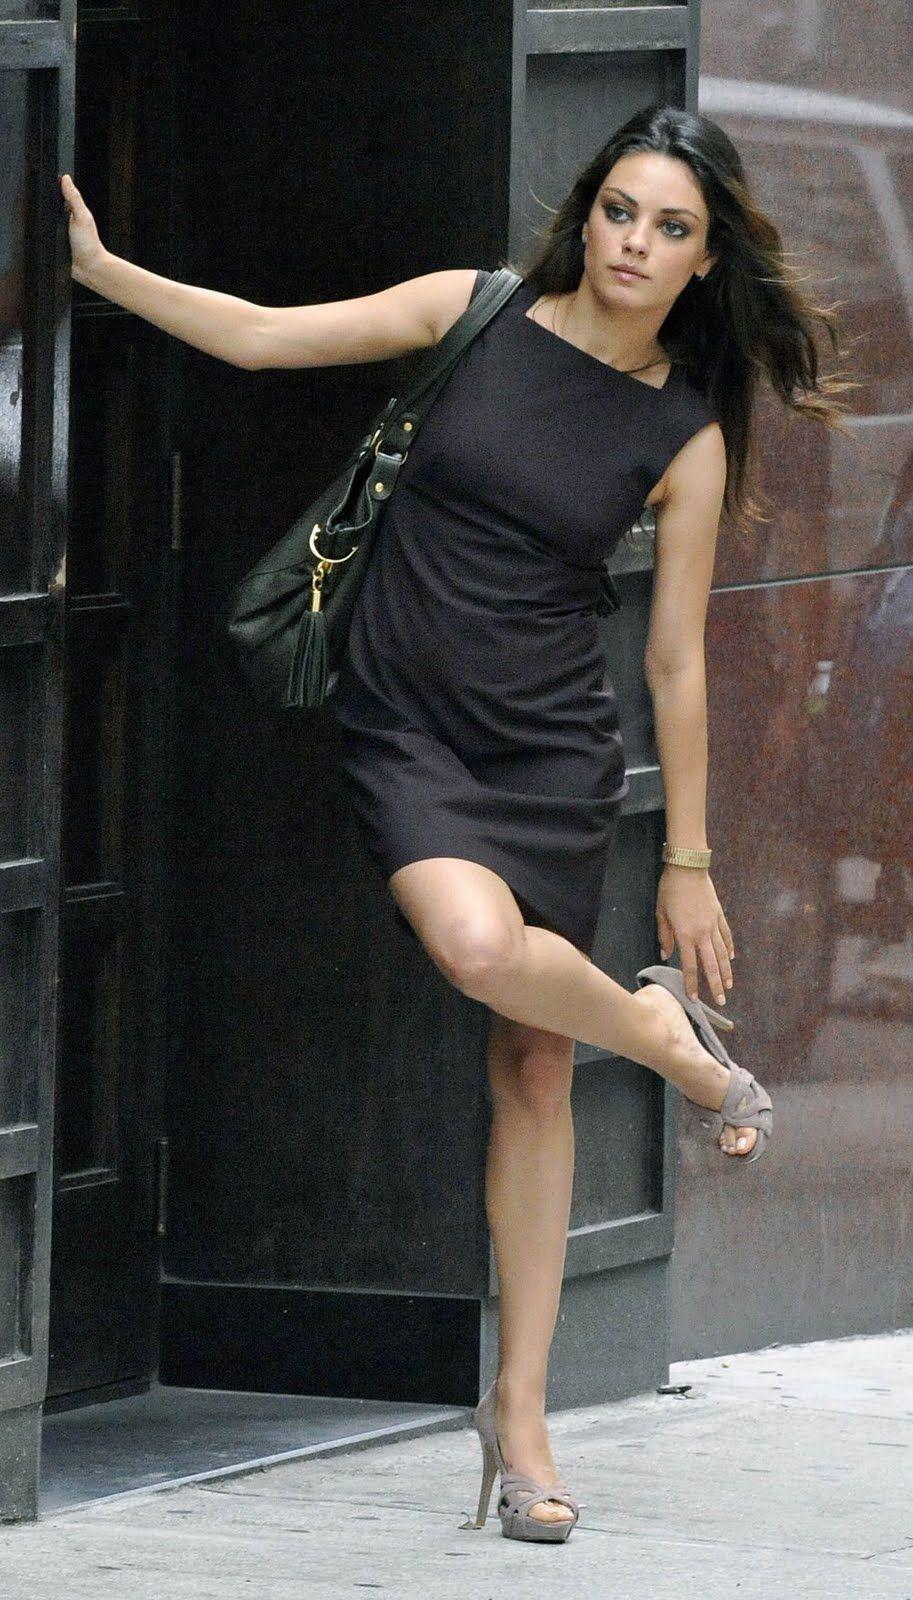 Image Detail For -Mila Kunis, Mila, Kunis, Filming -7393